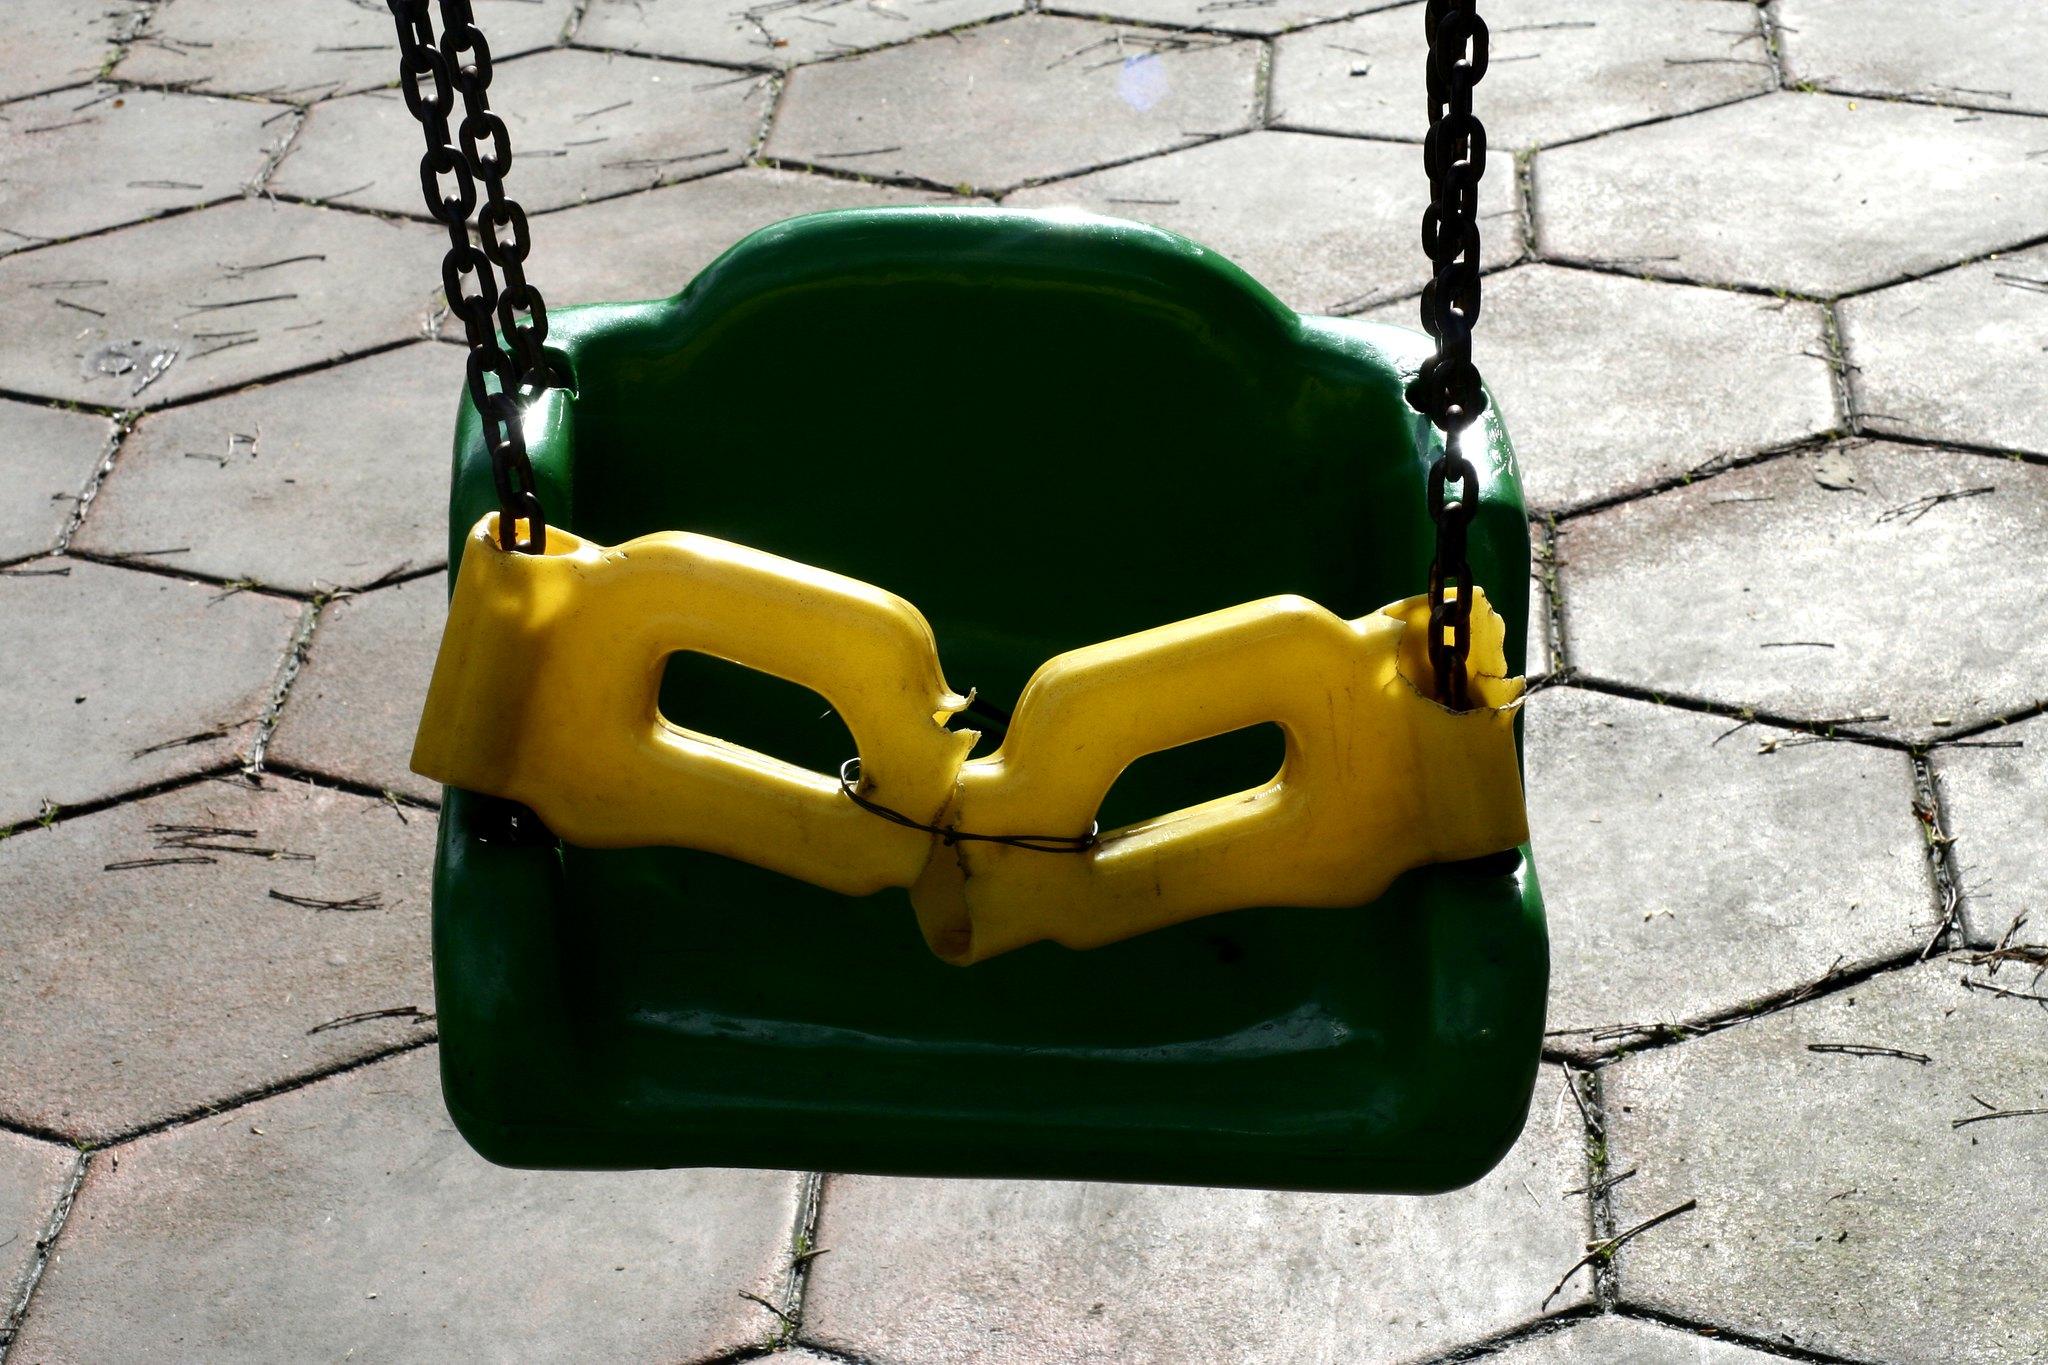 Repaired swing.